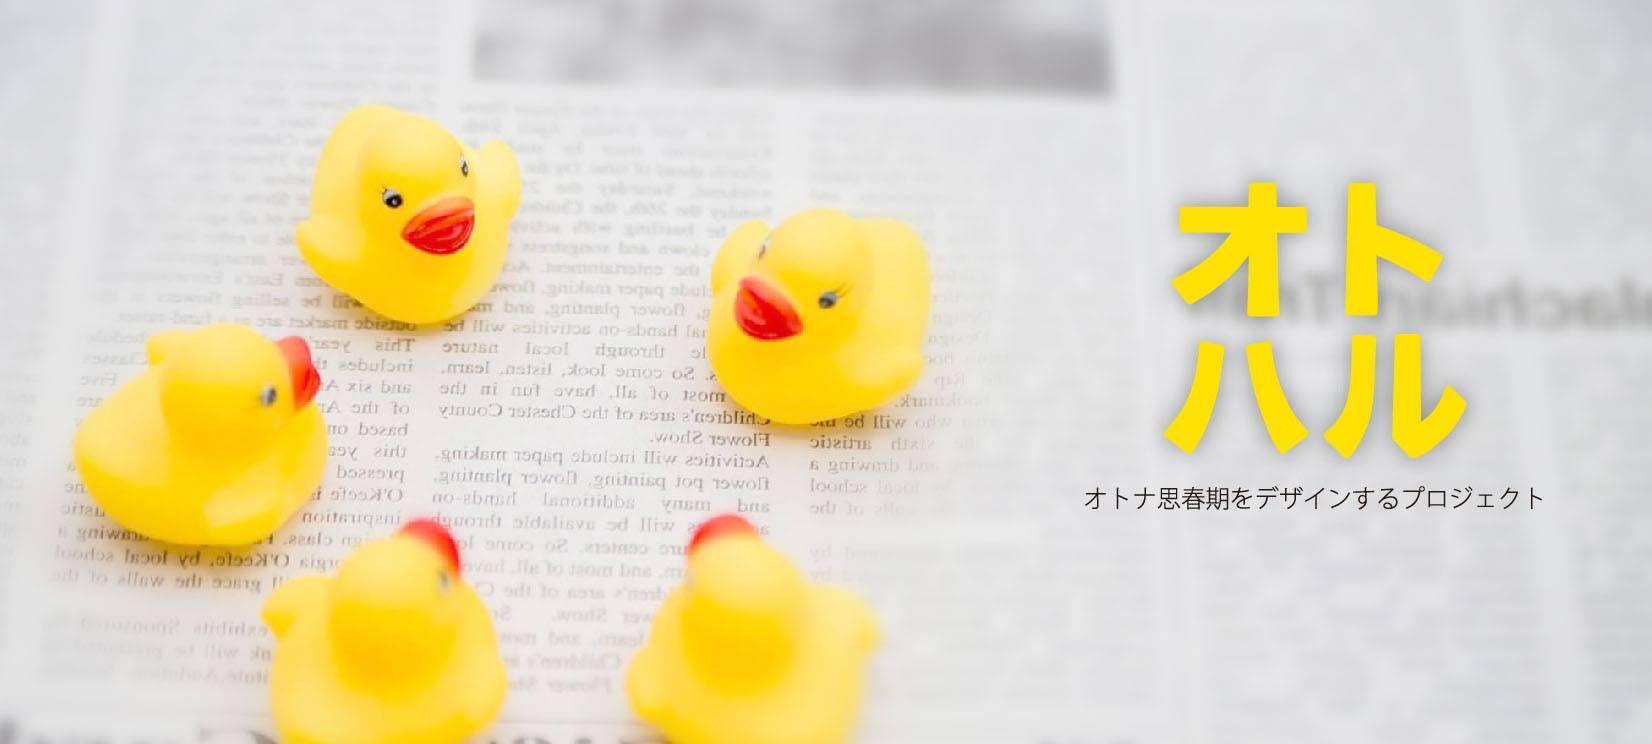 【オトハル】2021年4月4日(清明)のメールマガジン